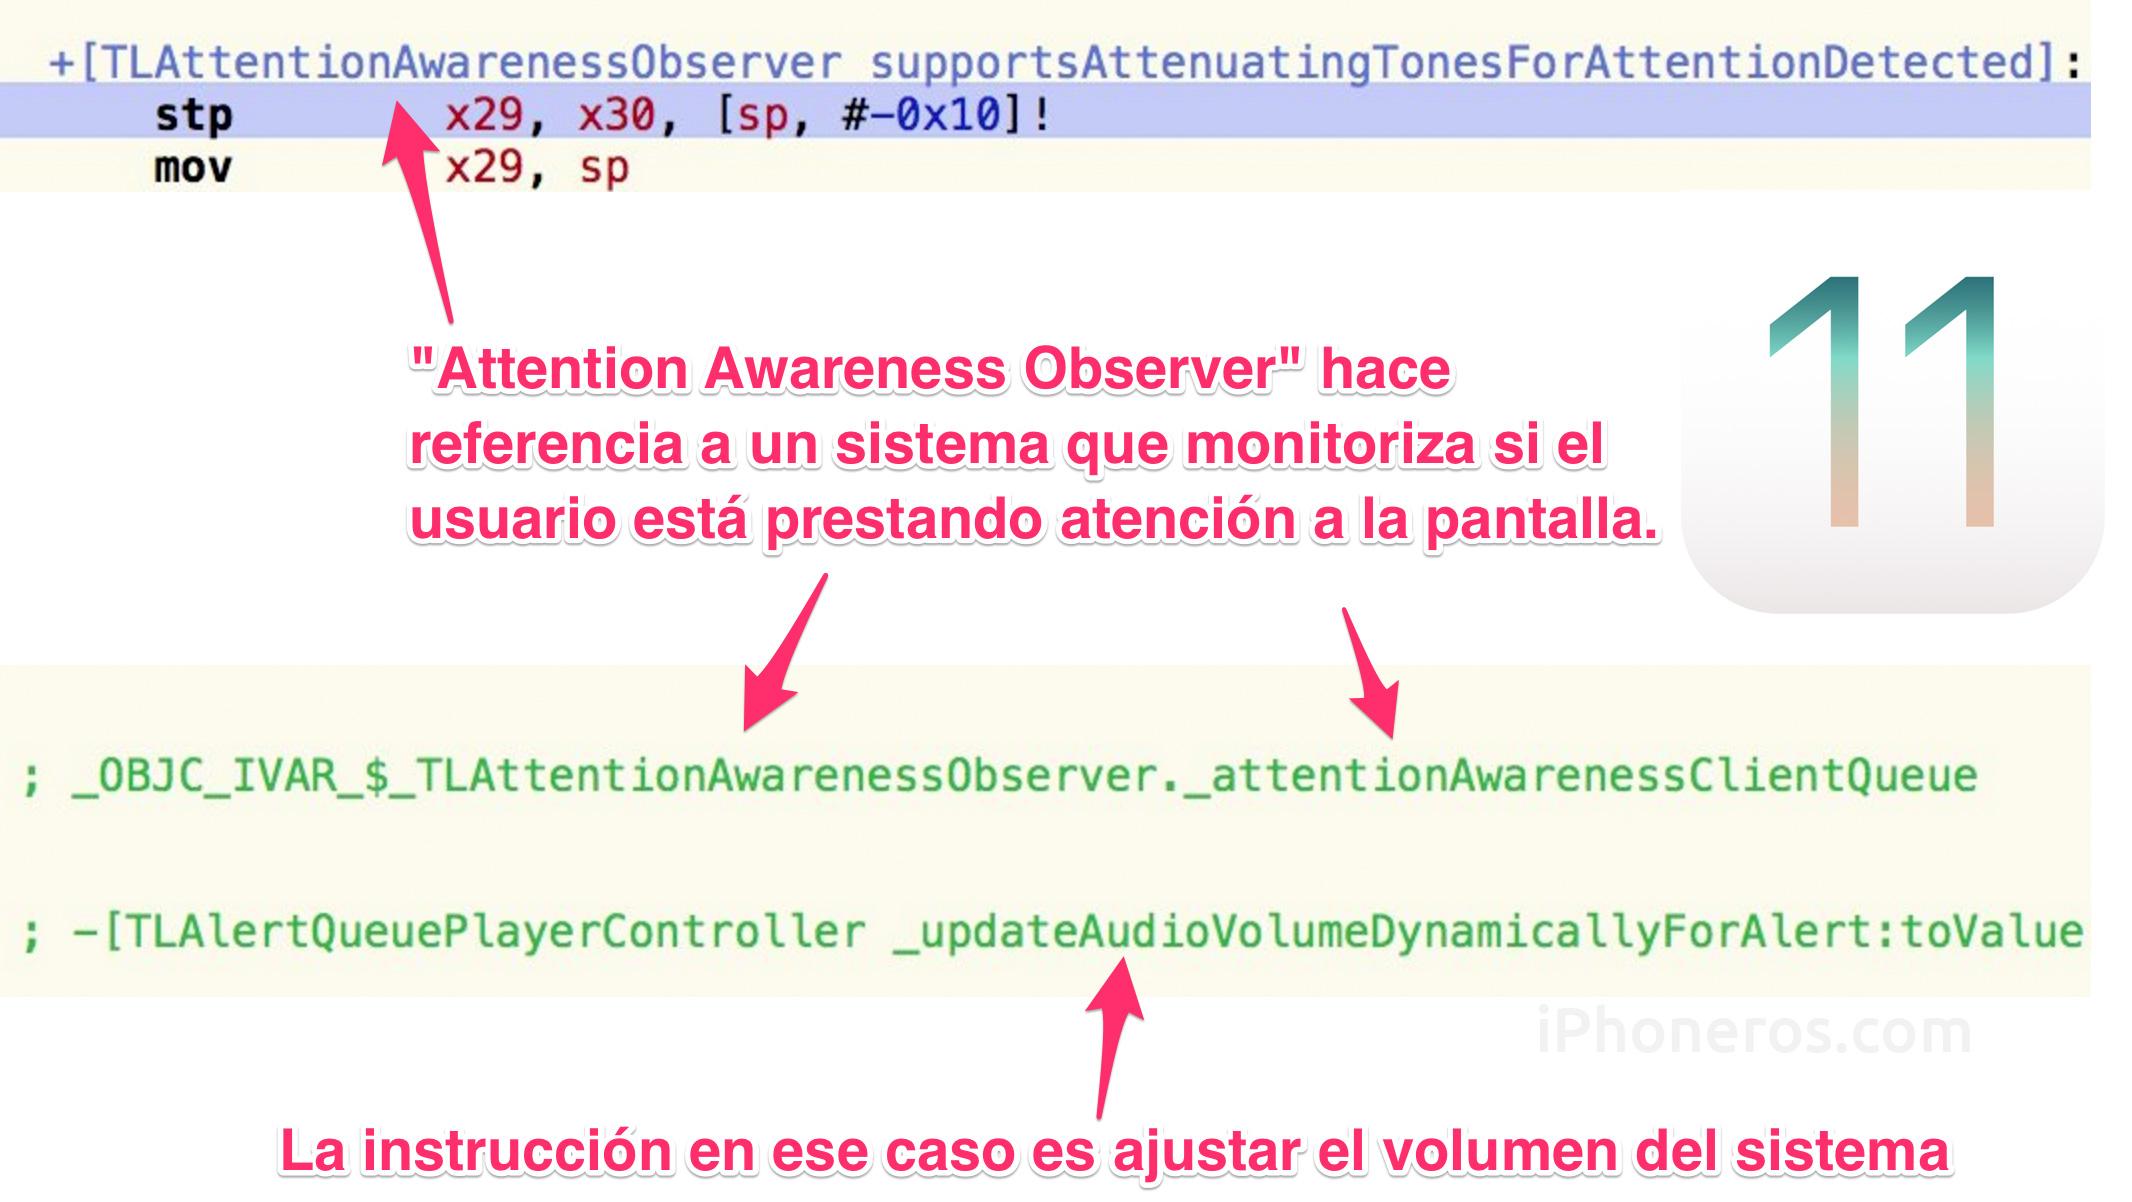 Indicios de control de volumen con variables de reconocimiento facial en iOS 11